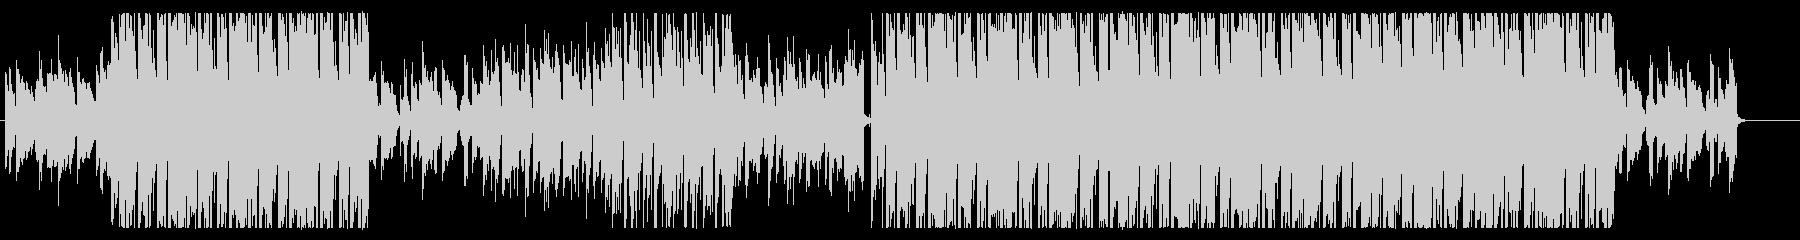 洋楽オシャレ系Future Bass の未再生の波形